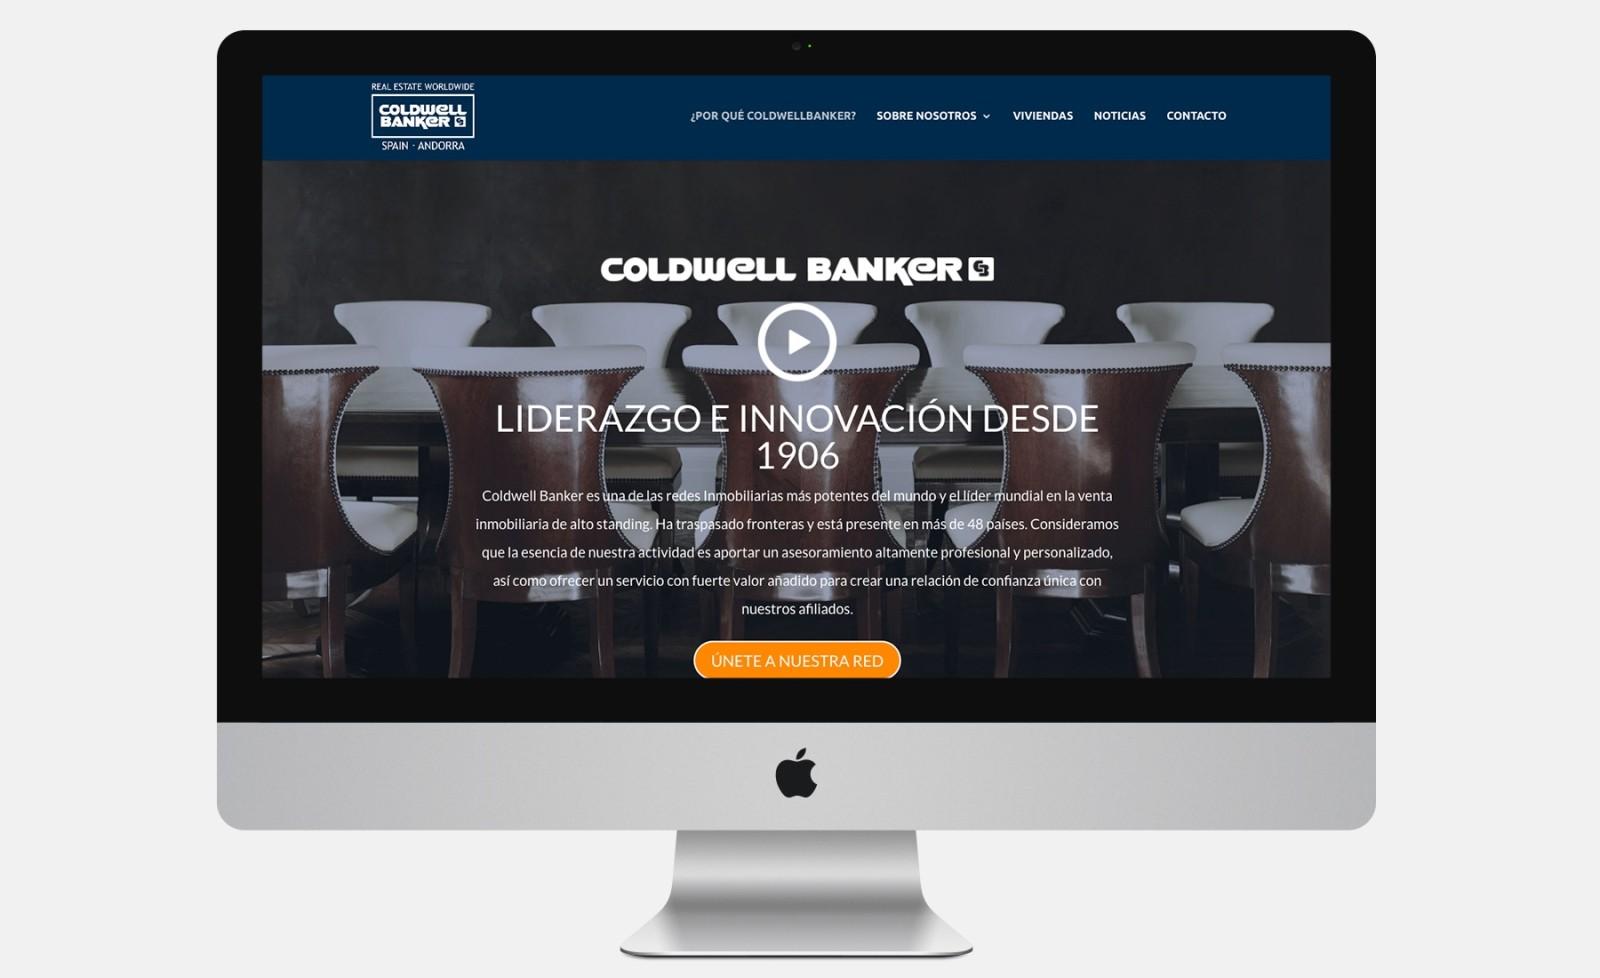 01-img-desktop-coldwellbankerspain